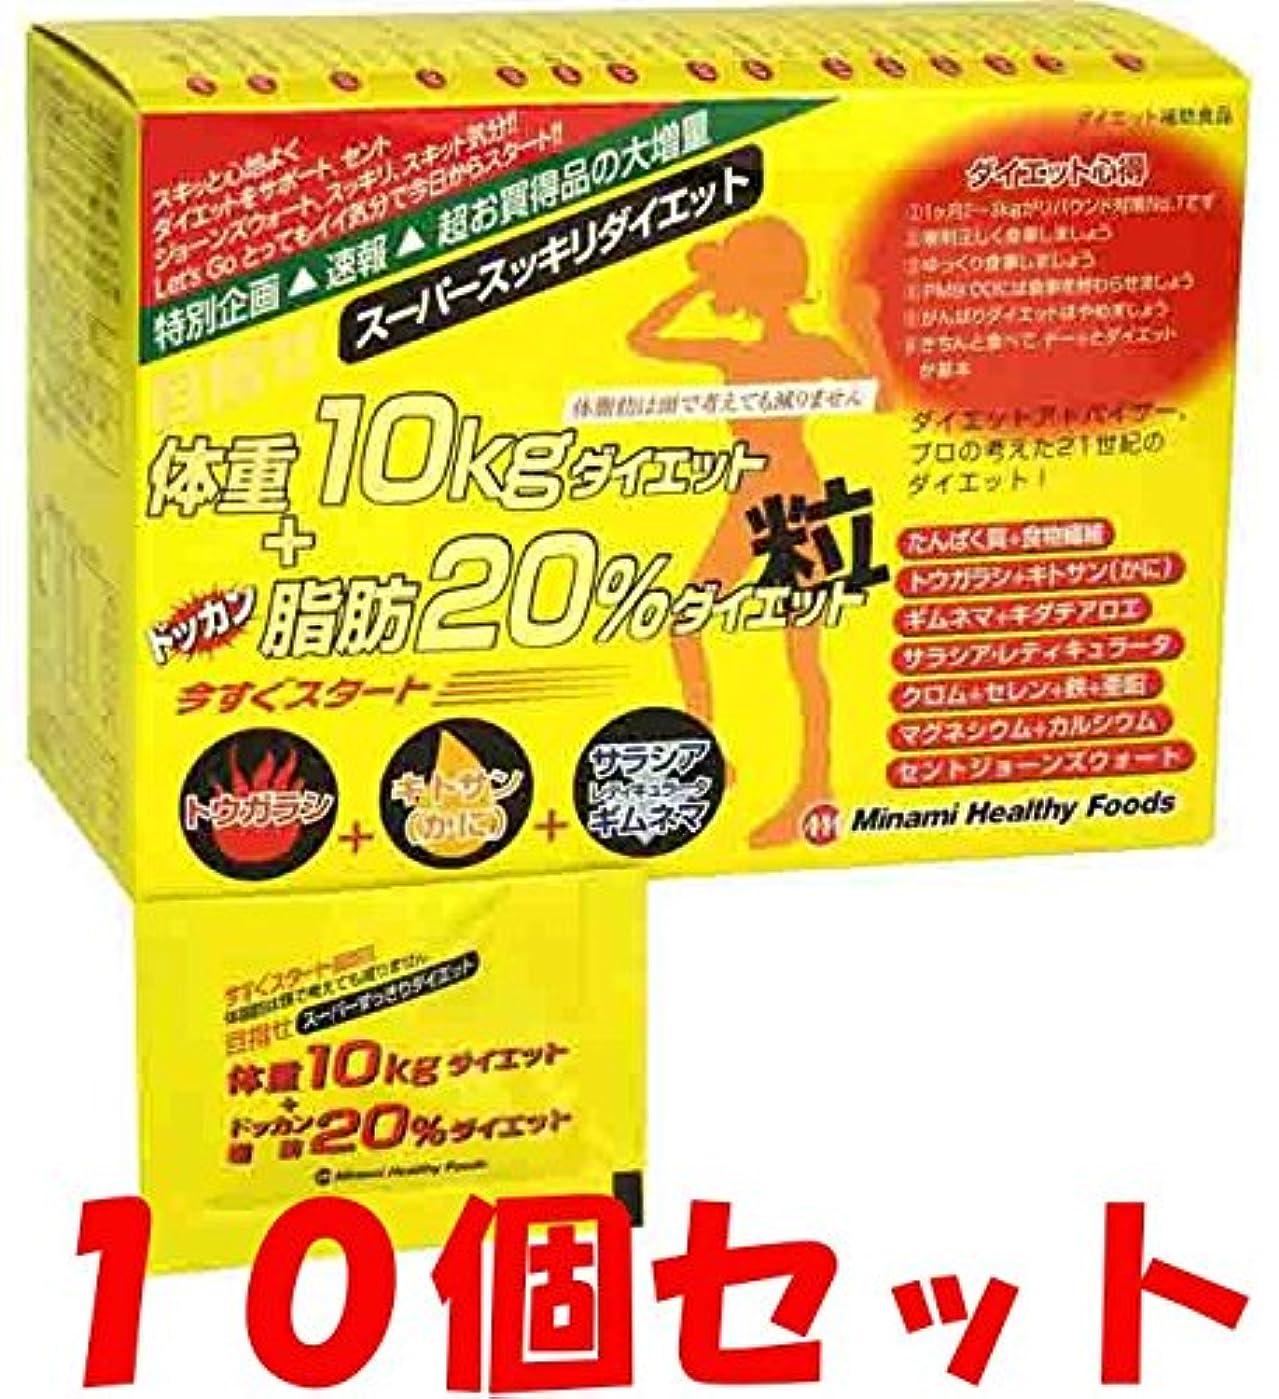 噴火メタリックオフ【10個セット】目指せ体重10kgダイエット+ドッカン脂肪20%ダイエット粒 6粒×75袋